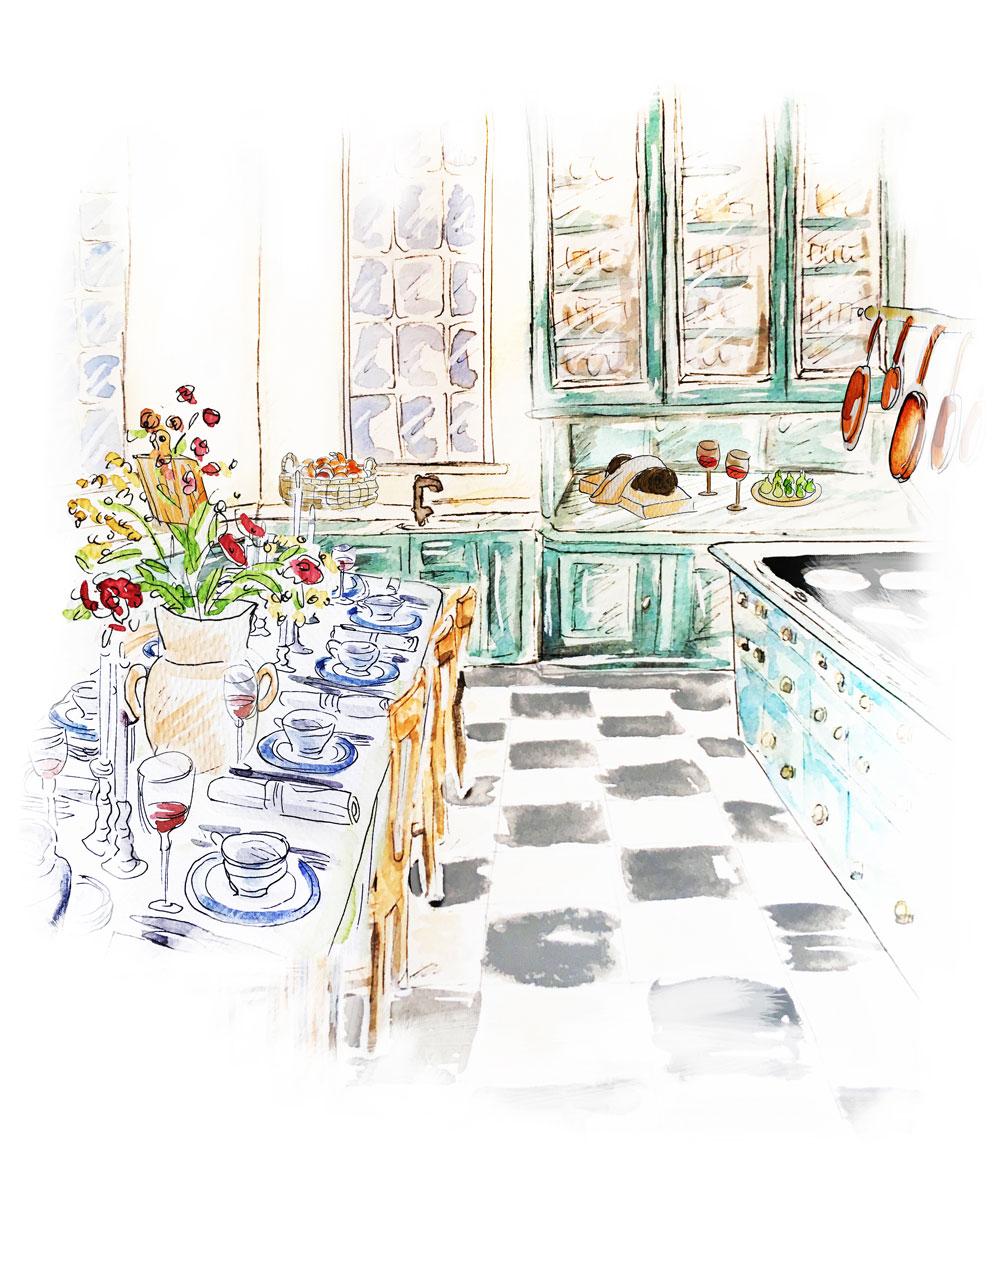 keuken-finalv-web.jpg